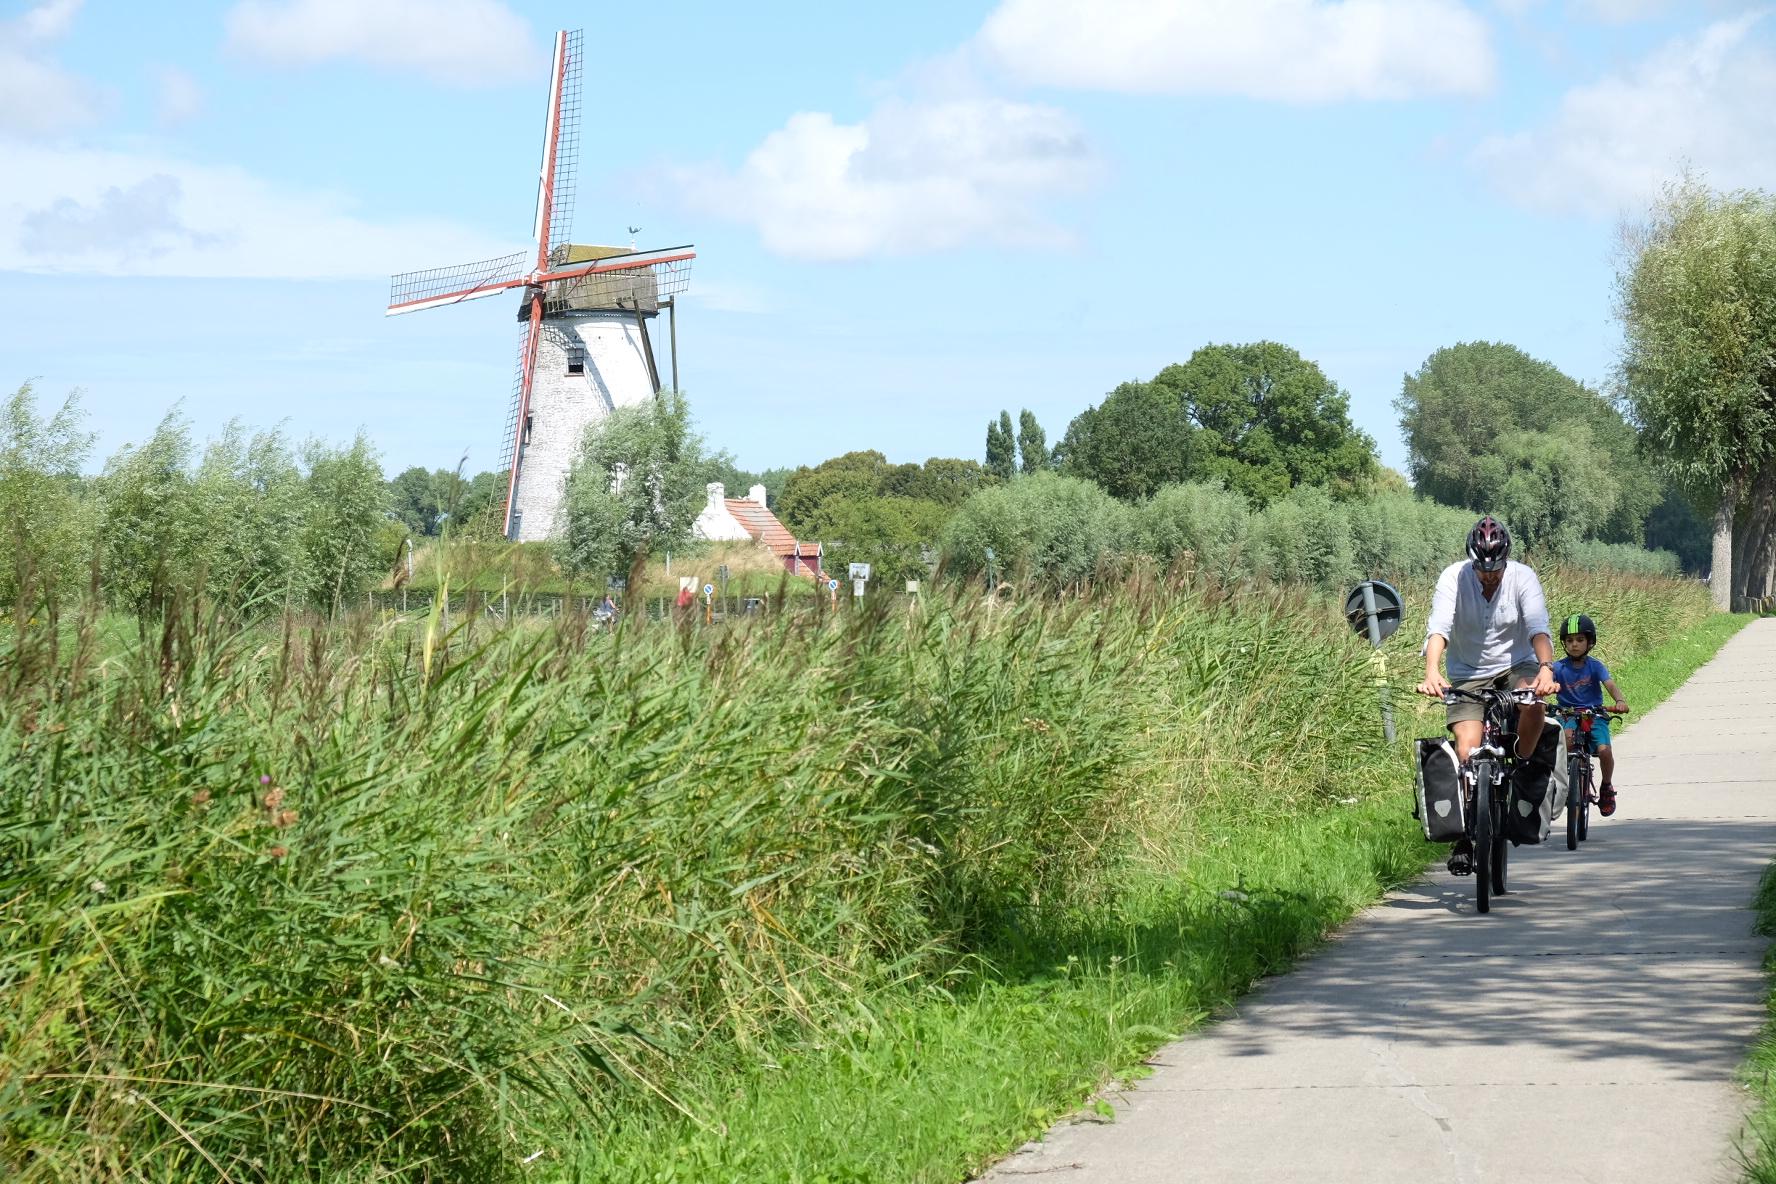 A la frontière entre la Belgique et les Pays-Bas.